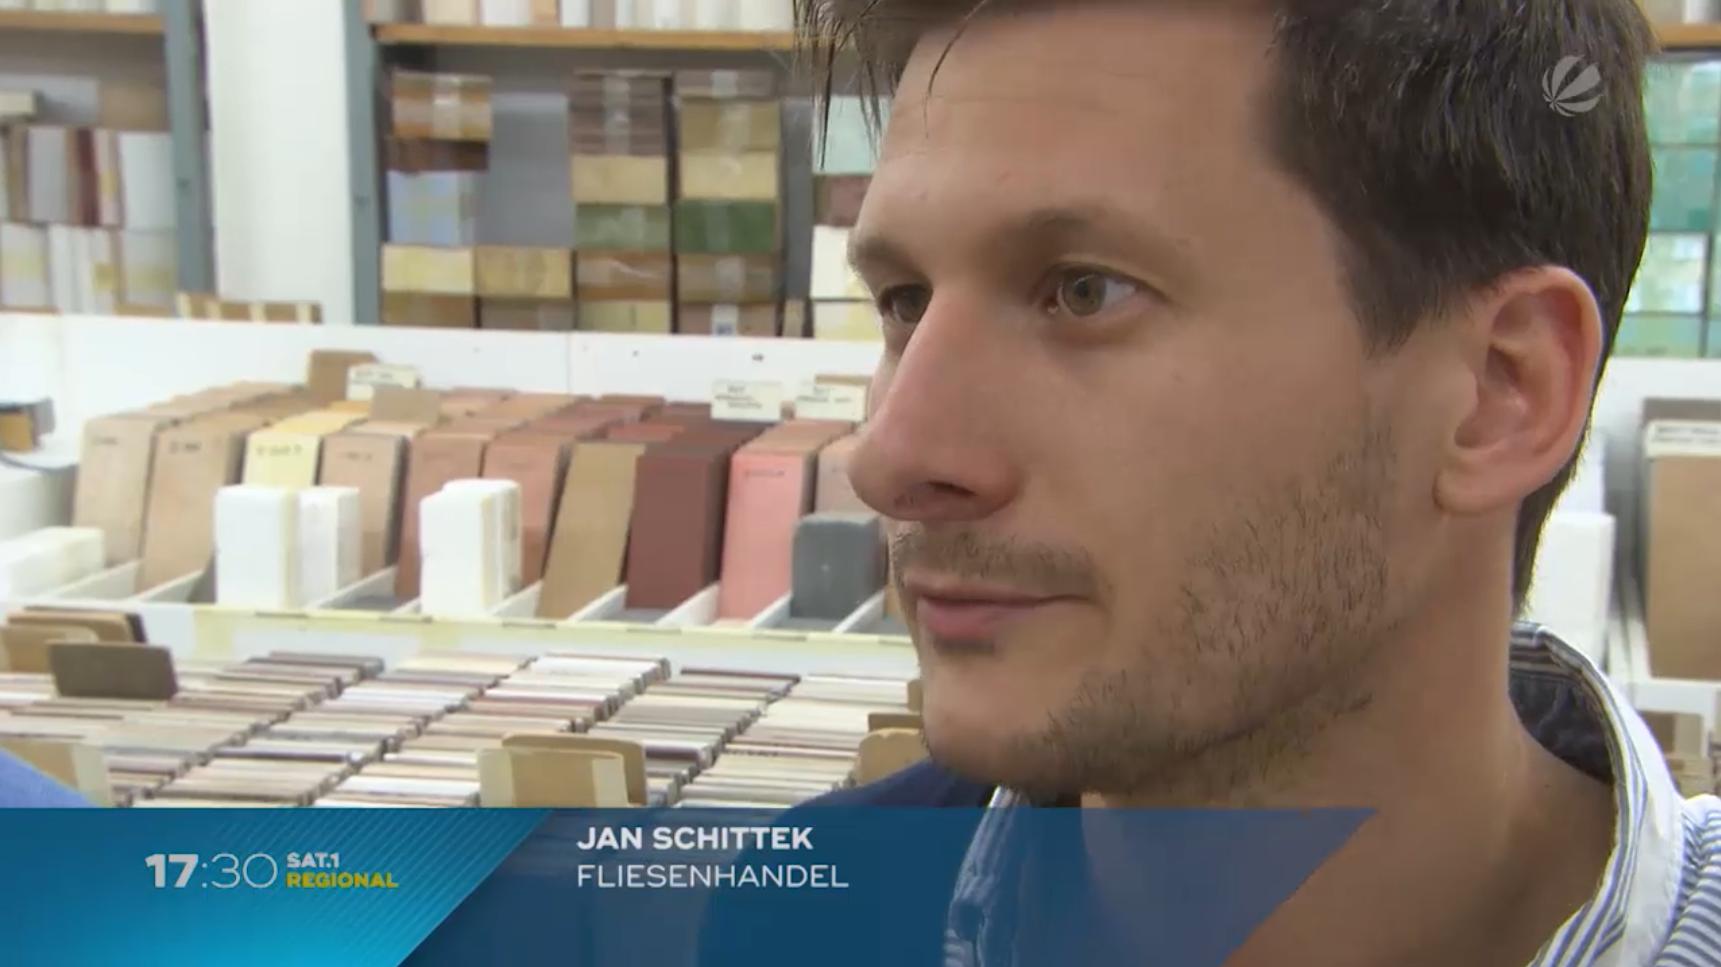 Referenzen archiv fliesenhandel schittek gmbh for Fliesen schittek